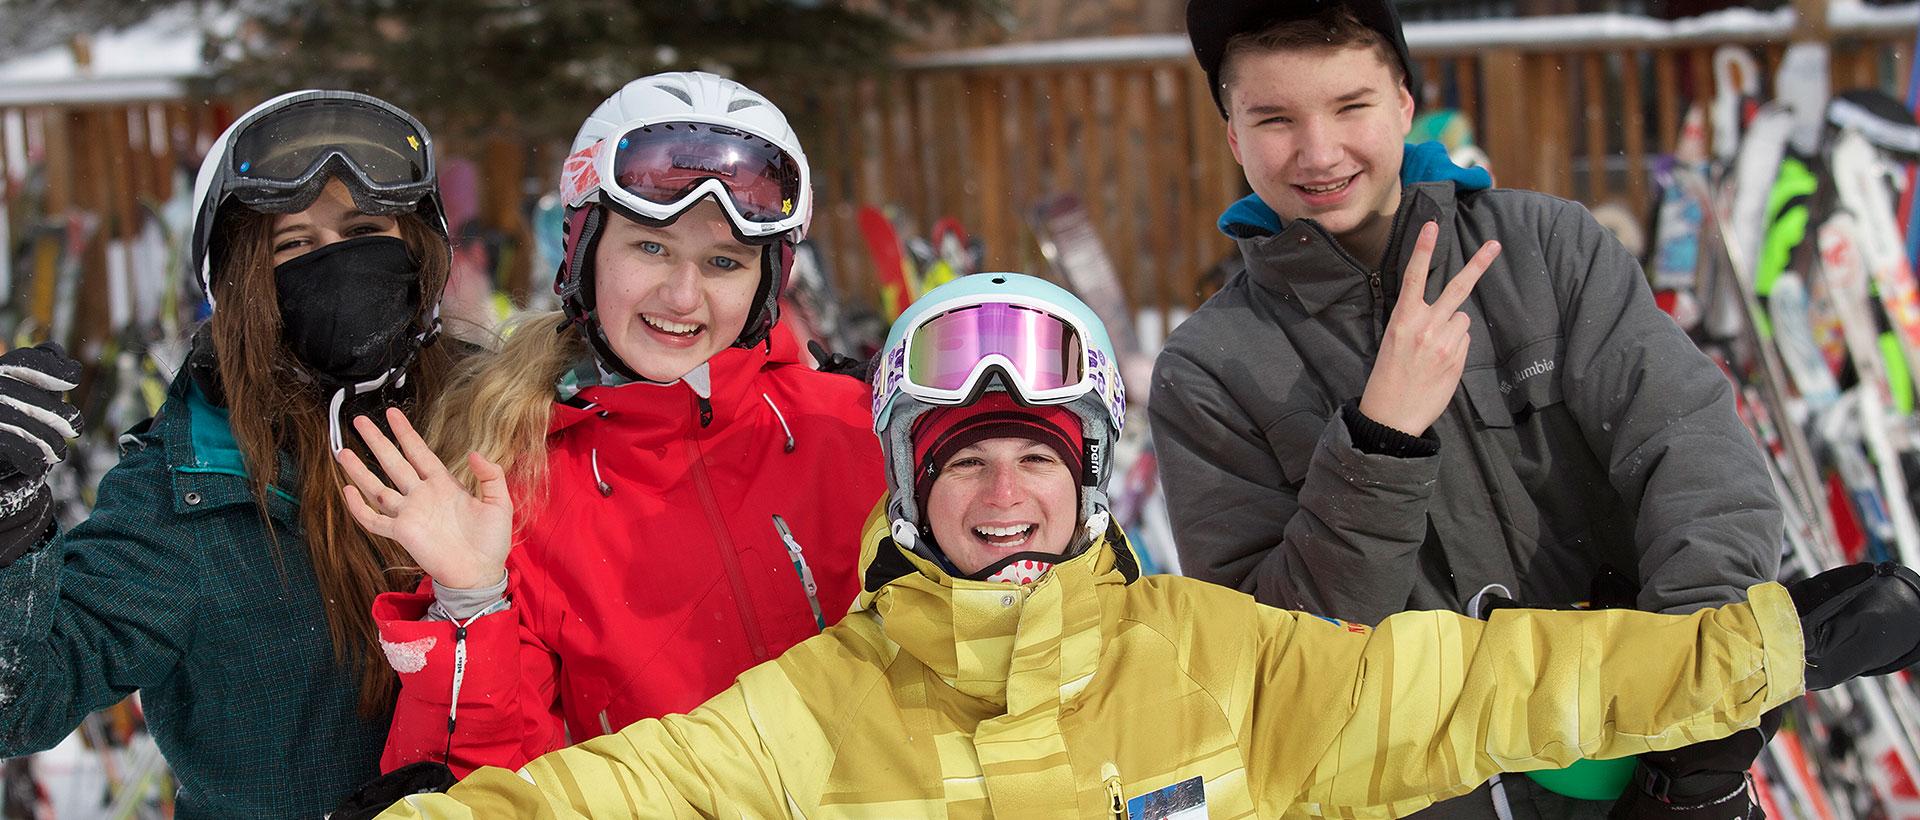 banner-kids-terrainpark